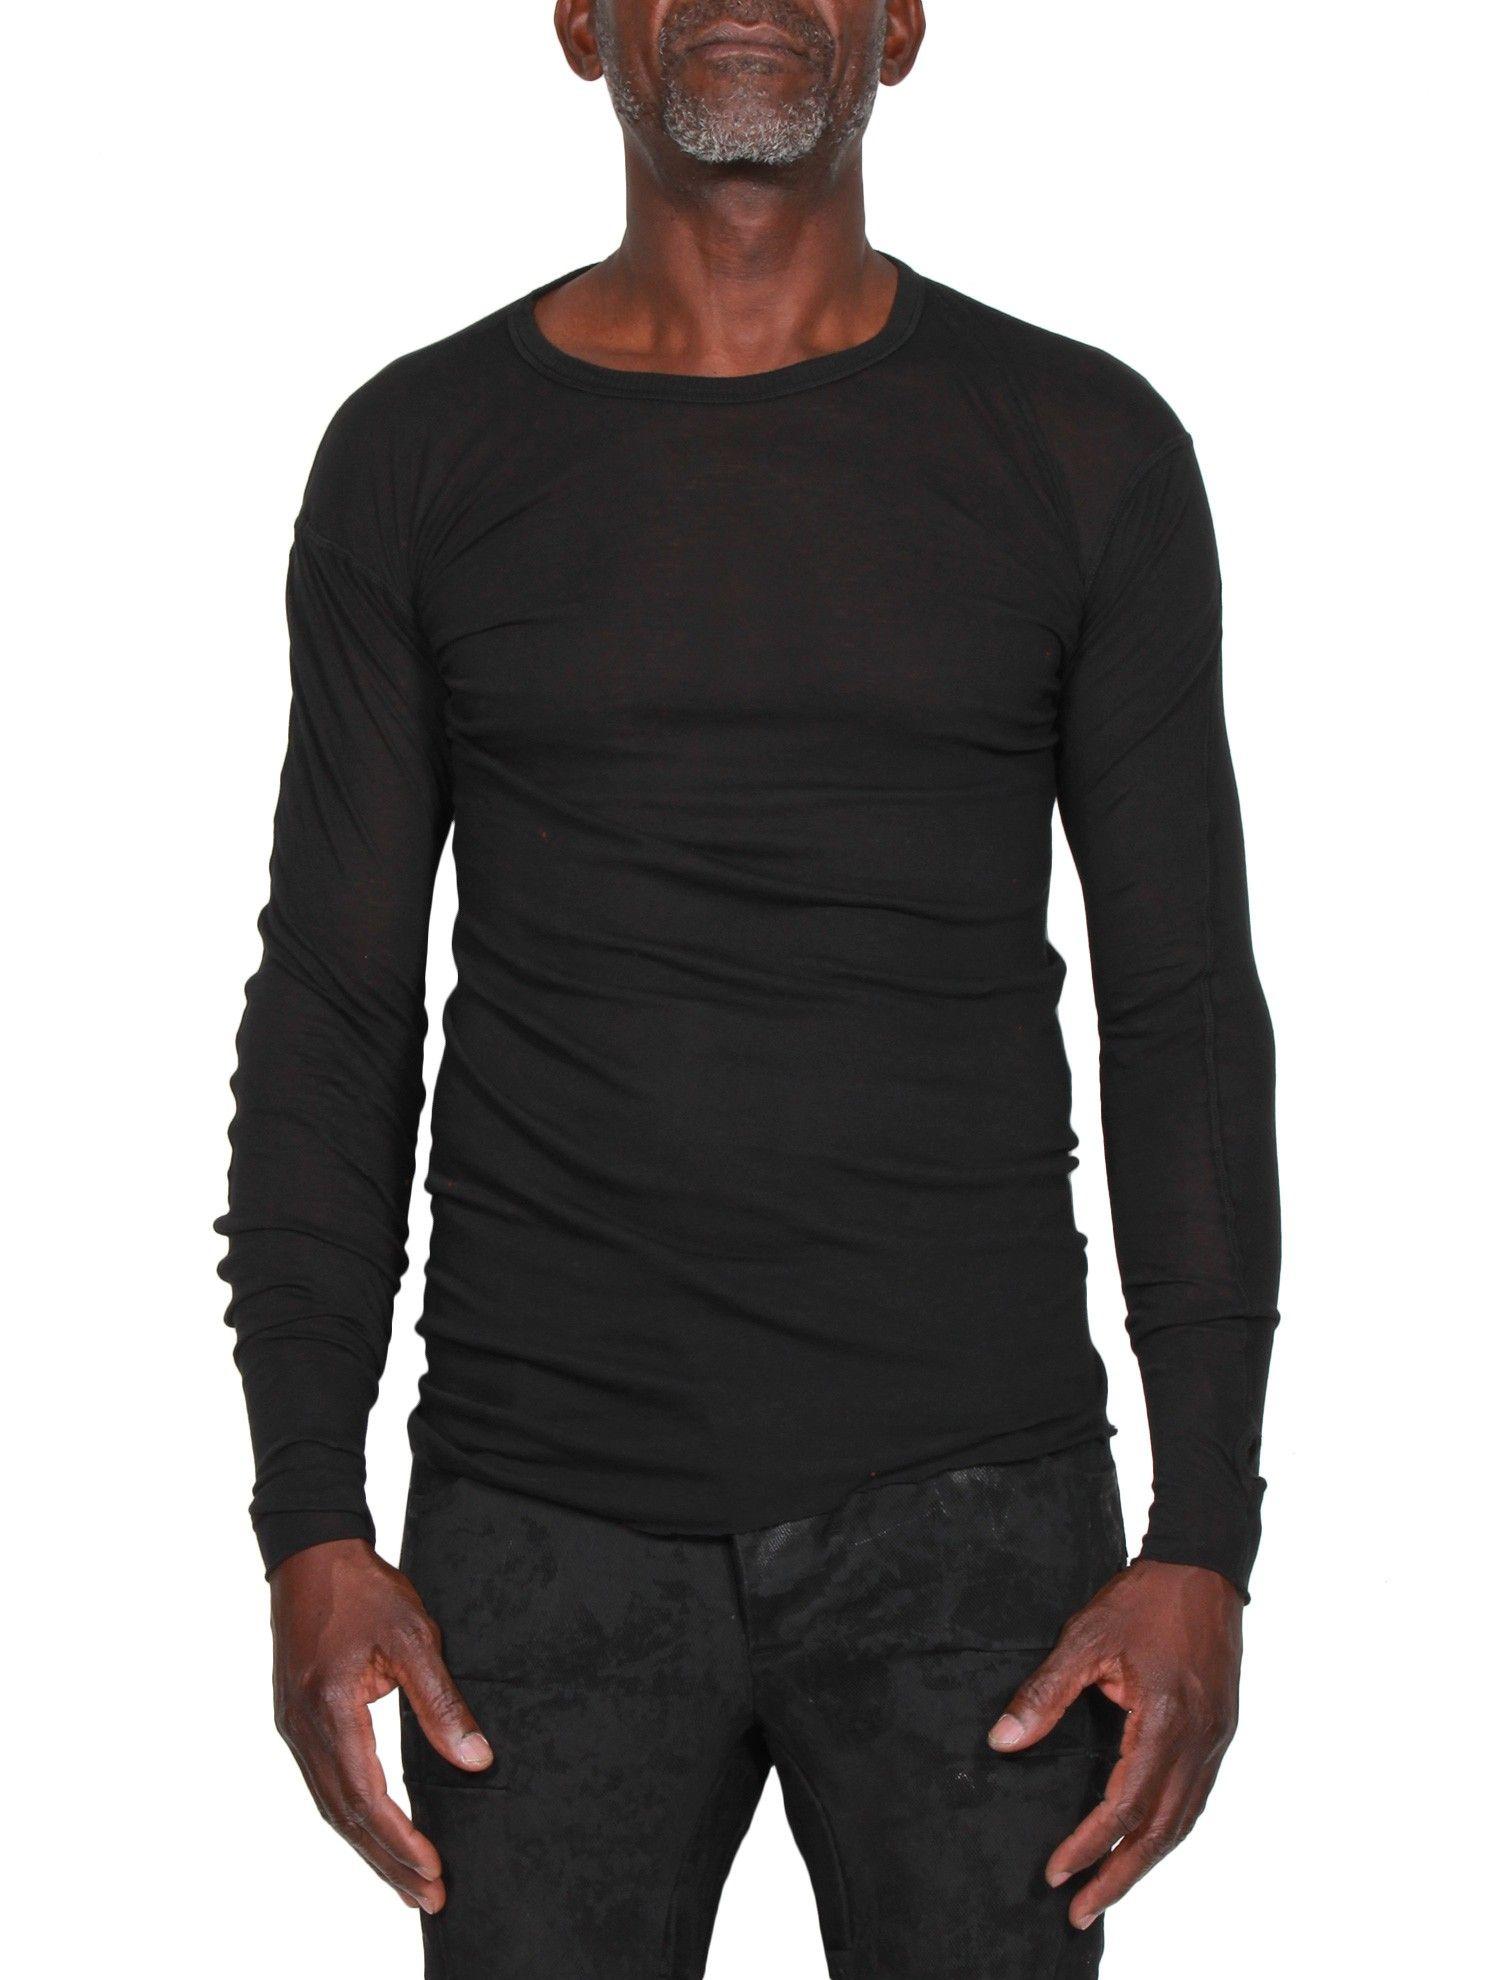 0e29e61280fa7 Tee-shirt Homme BORIS BIDJAN SABERI Manches Longues Mitaines - Noir - serie      NOIRE